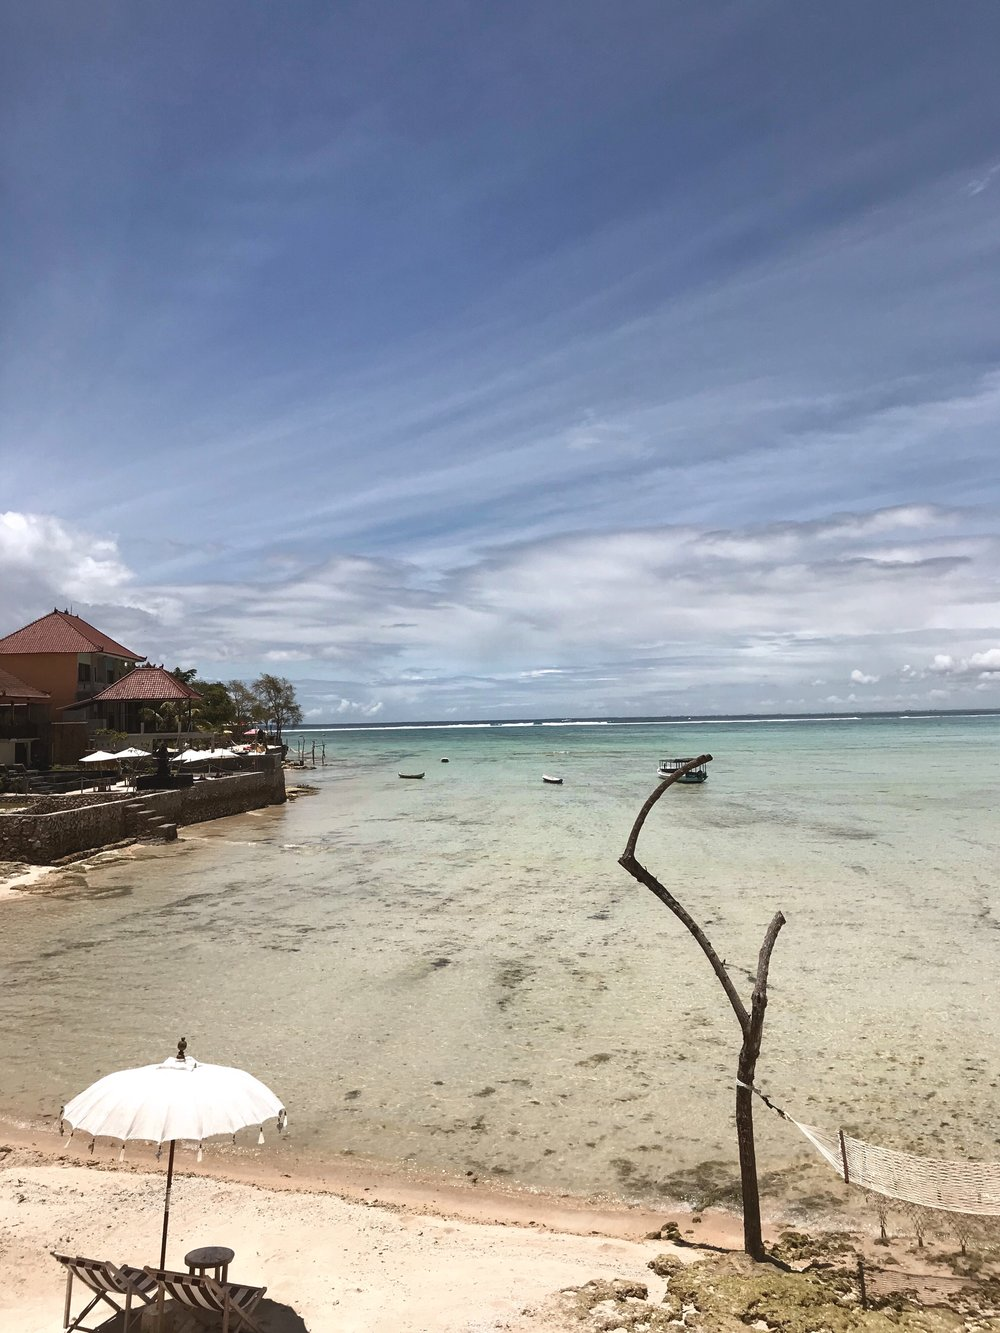 Find The Sand,Nusa Ceningan at: - Jalan Nusa Ceningan, Lembongan, Nusapenida